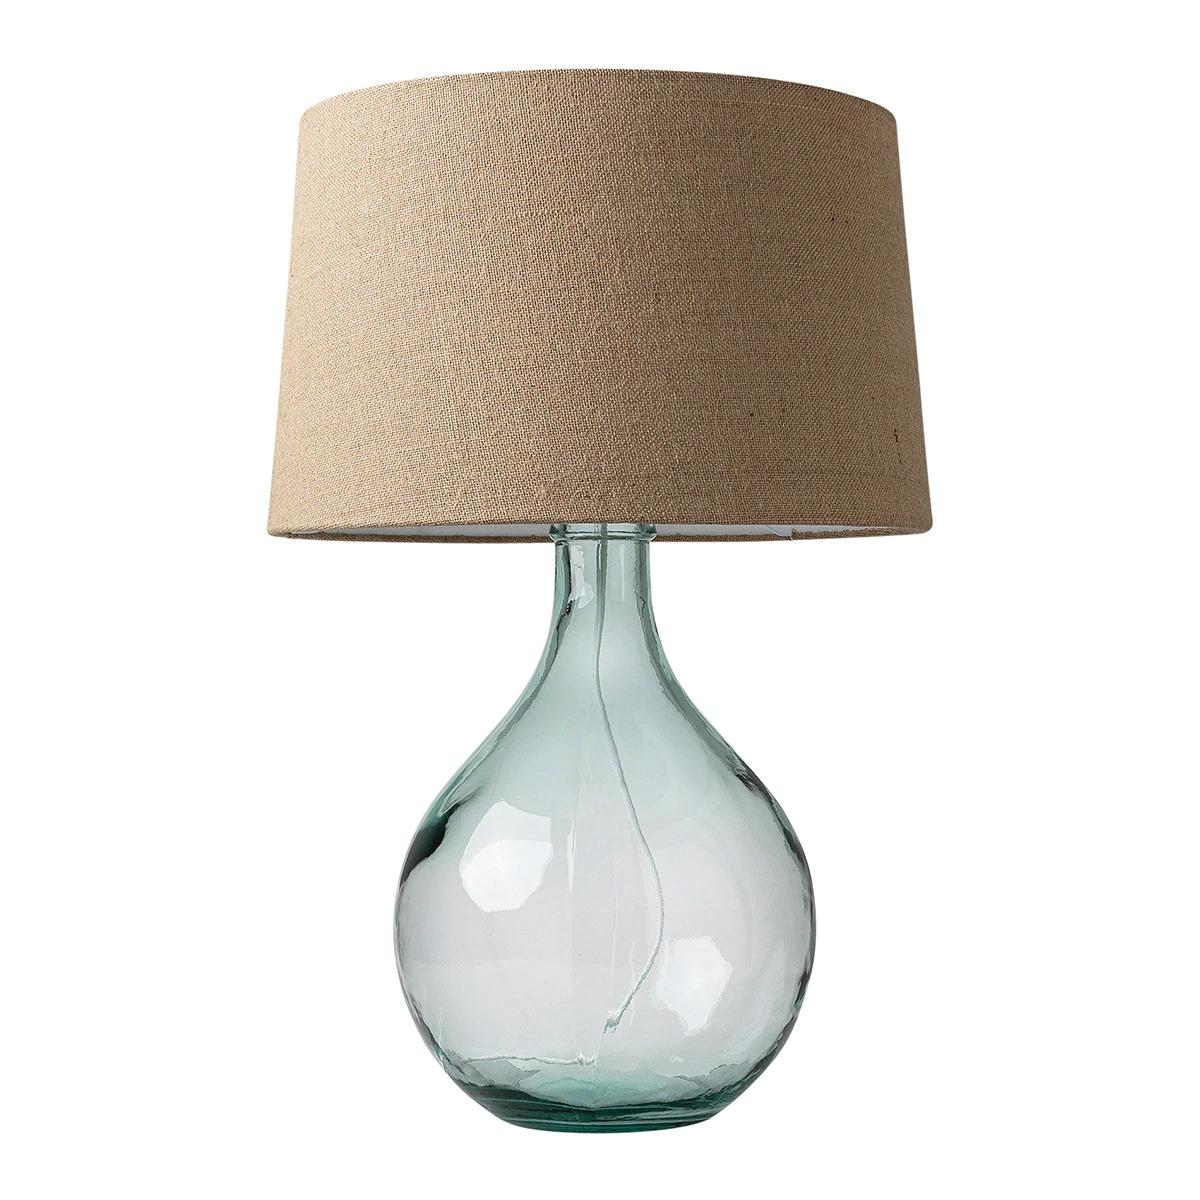 Lámpara de mesa de vidrio reciclado Lagoon El Corte Inglés